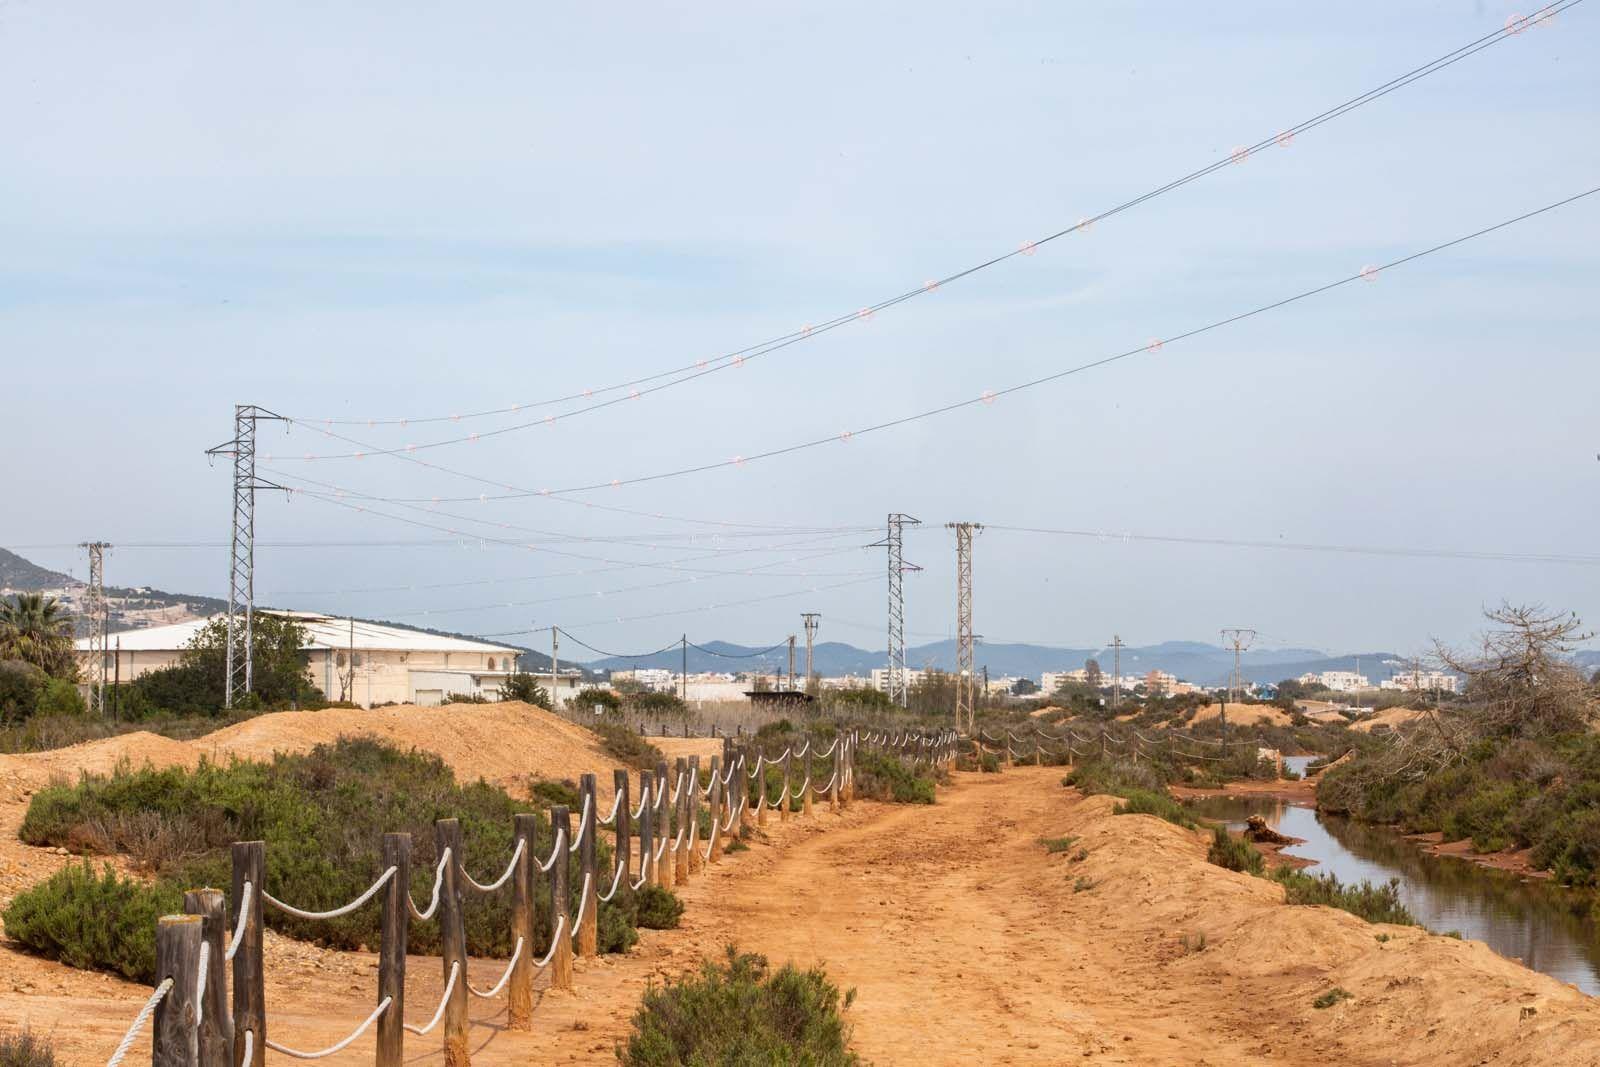 Los tendidos mortales para los flamencos en ses Salines de Ibiza tenían que estar enterrados desde 2009